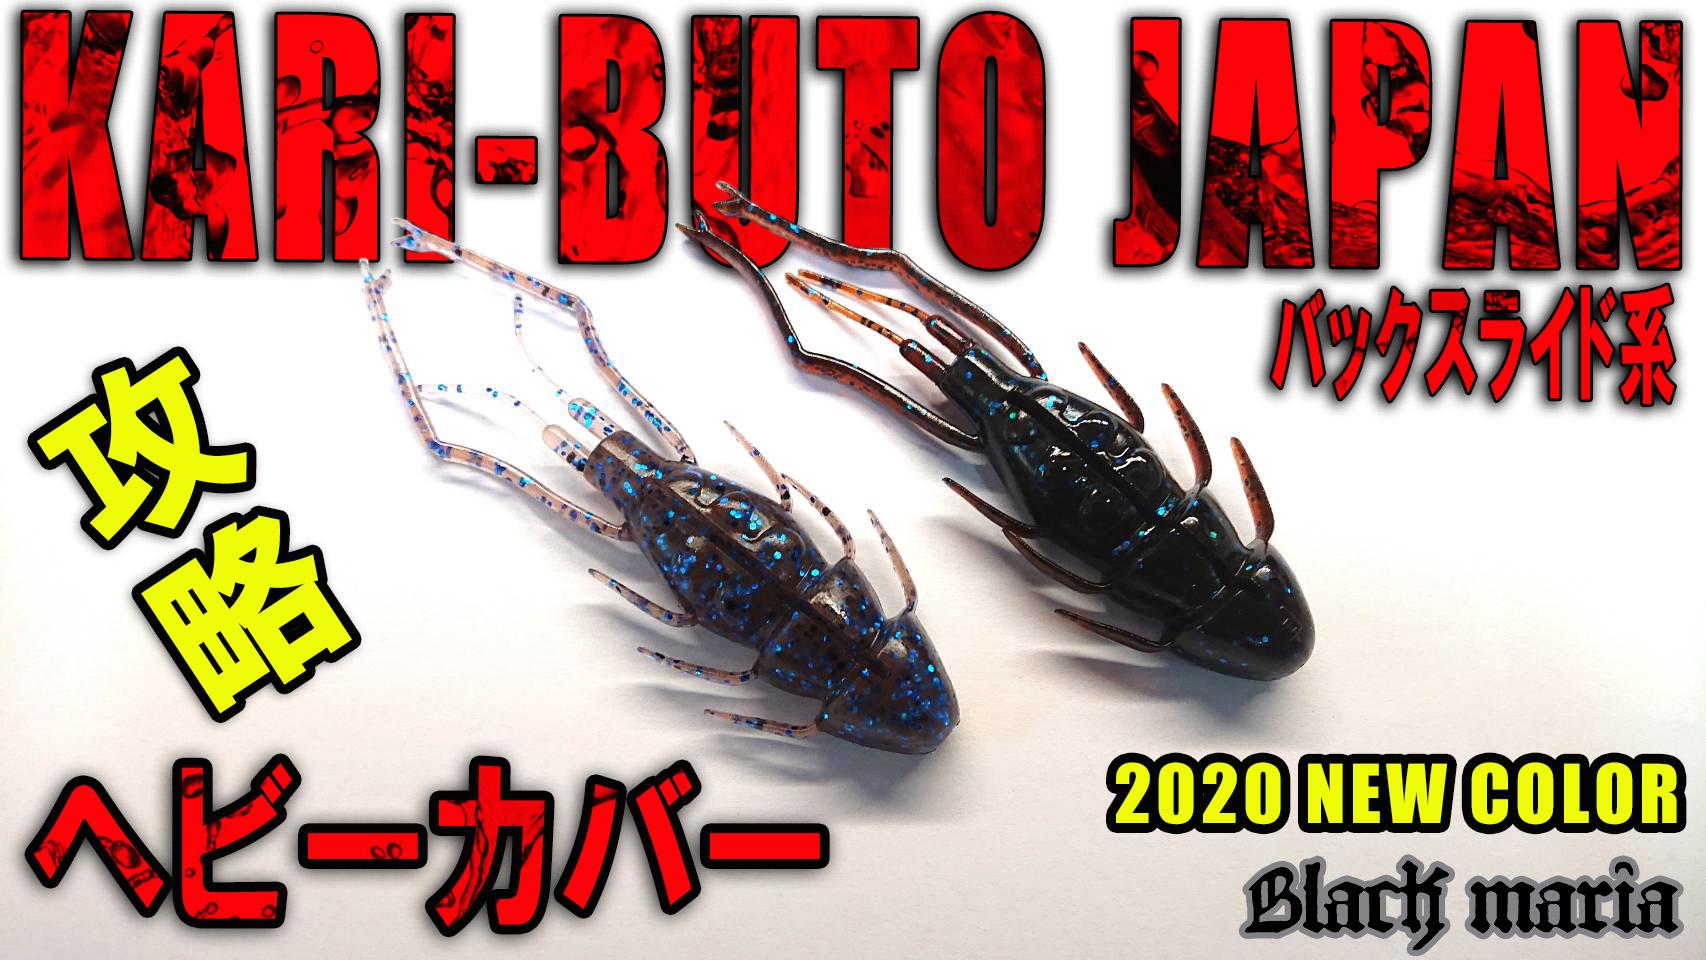 ブラックマリア カリブトジャパン